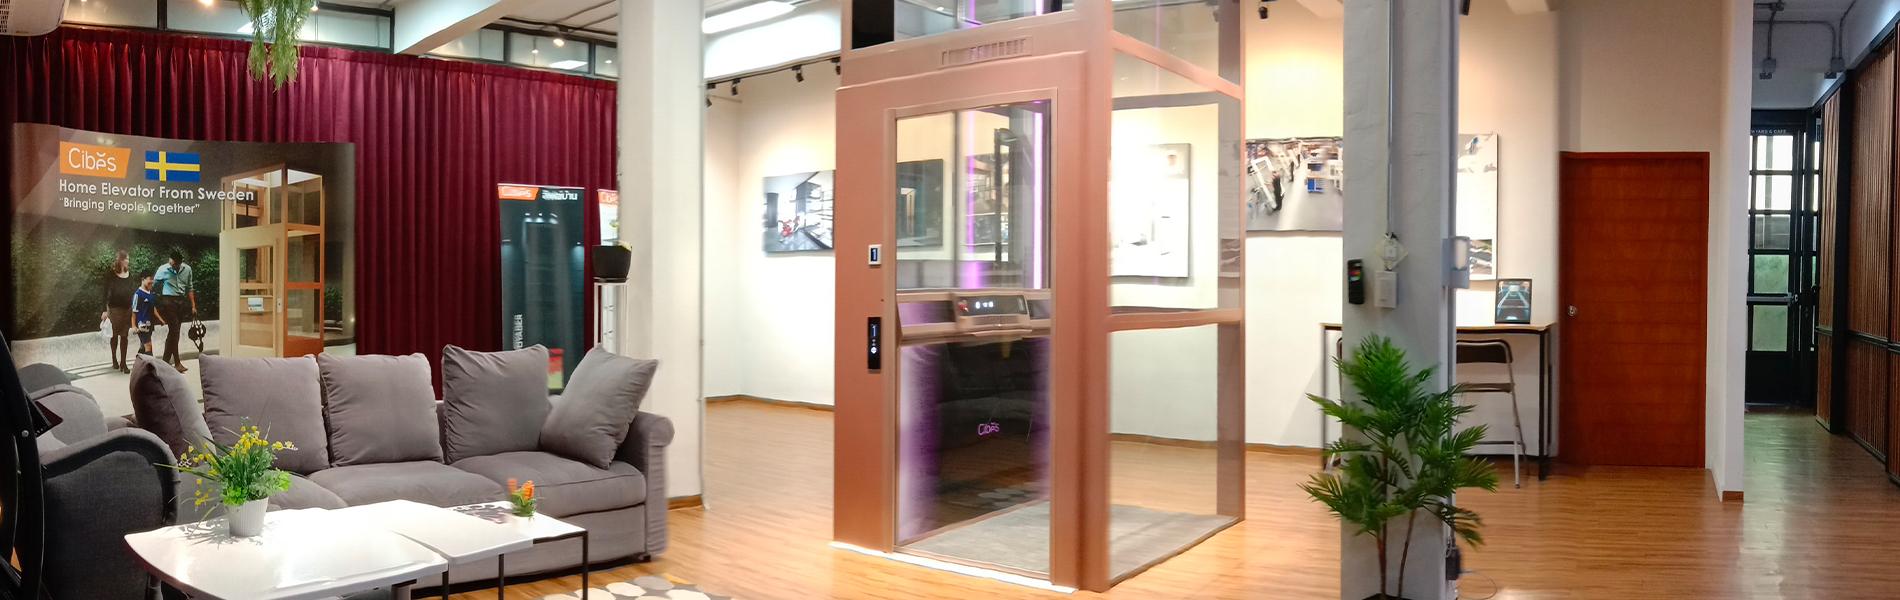 ออฟฟิศ ซีเบส ลิฟท์ประเทศไทย ลิฟต์บ้านพระราม 3 ติดต่อเรื่องลิฟต์2